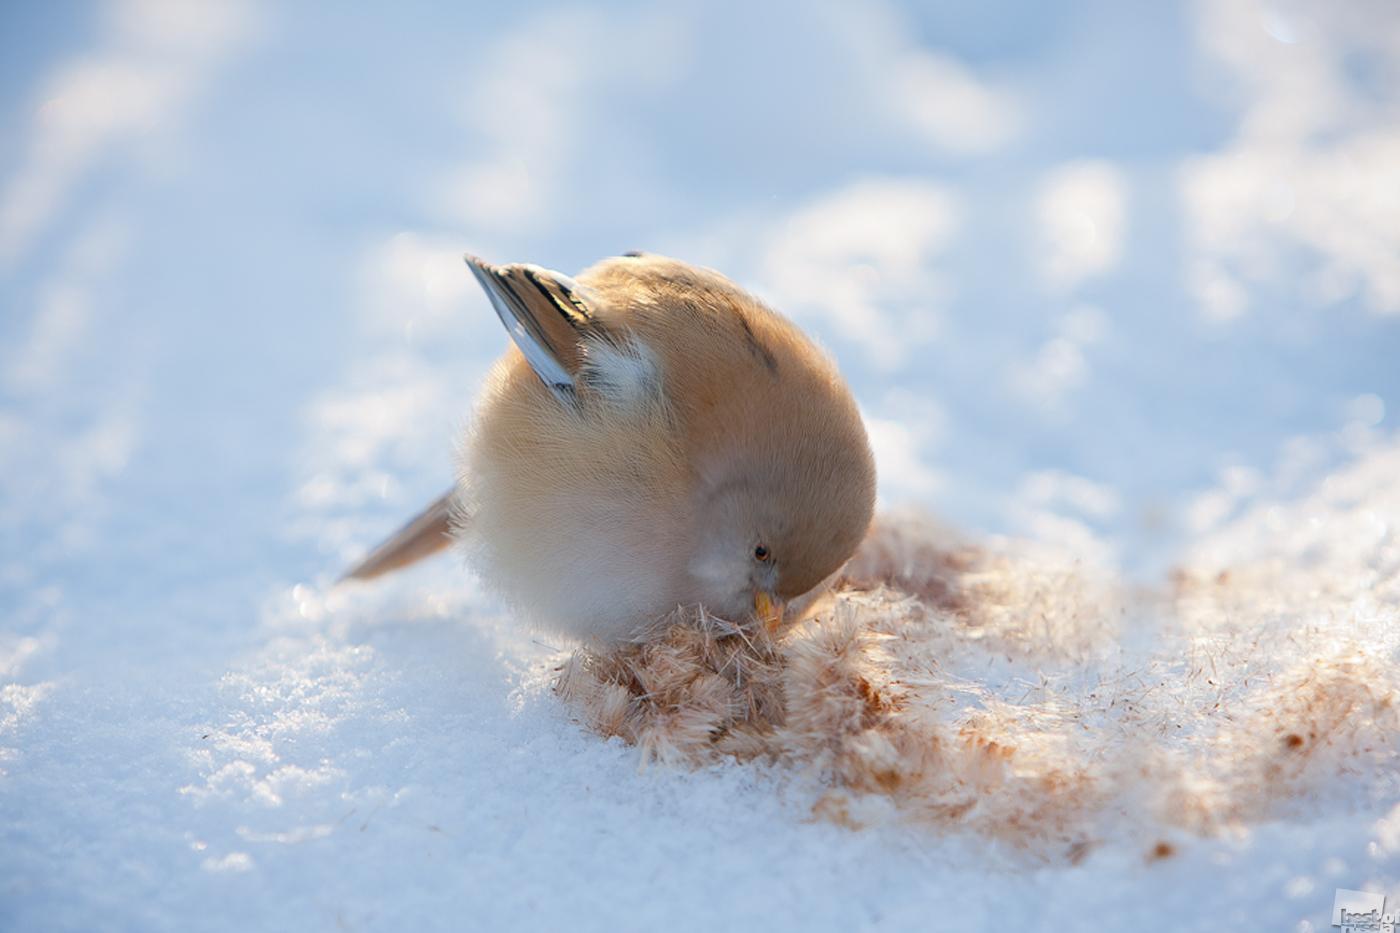 Ein kalter Morgen in einem Naturschutzgebiet. Eine weibliche Bartmeise pickt nach Samen in Blütenstielen von Rohrkolben. Jarlukowi, Gebiet Lipezk.